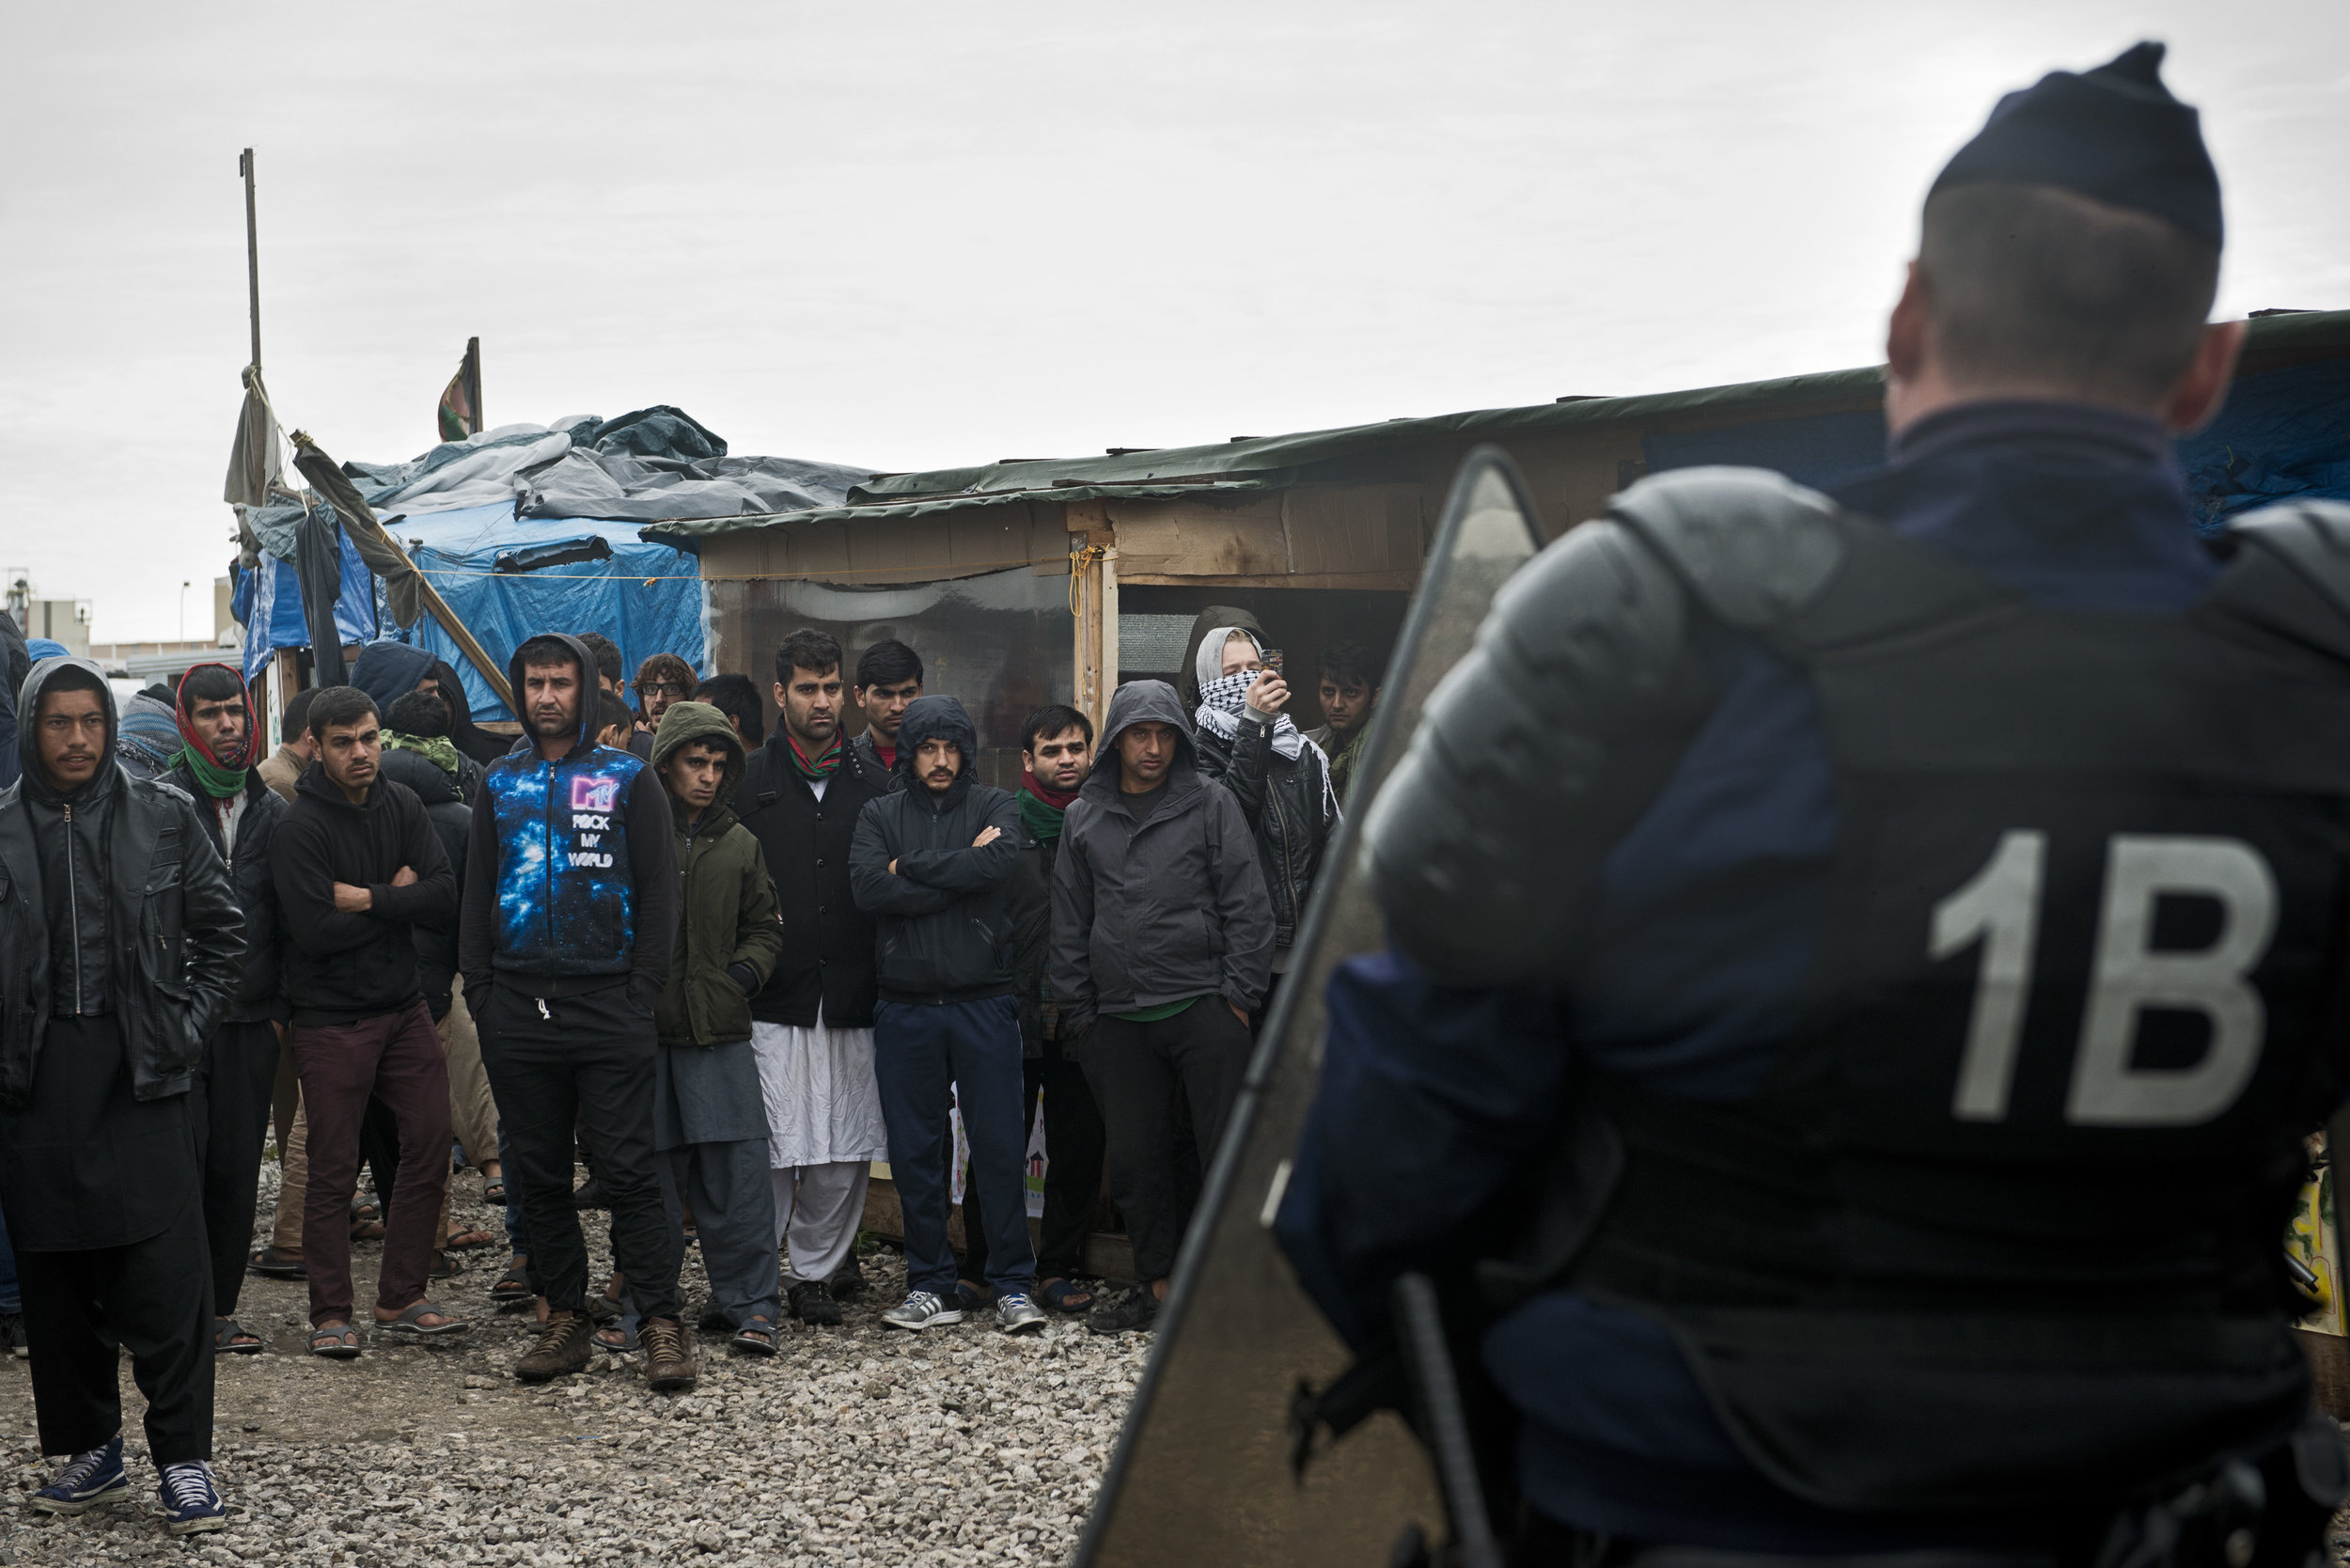 Pour l'instant, les forces de l'ordre restent positionnées à l'extérieur de la Jungle et procèdent uniquement à de brèves opérations à l'intérieur du camp, pour fermer les restaurants et les échoppes déclarées illégales ou pour encadrer des officiers de police judiciaire venus interroger et arrêter quatre jeunes Afghans soupçonnés d'être impliqués dans l'agression d'un journaliste et le viol de son interprète.  Les migrants observent ces incursions policières, silencieux et fatalistes.